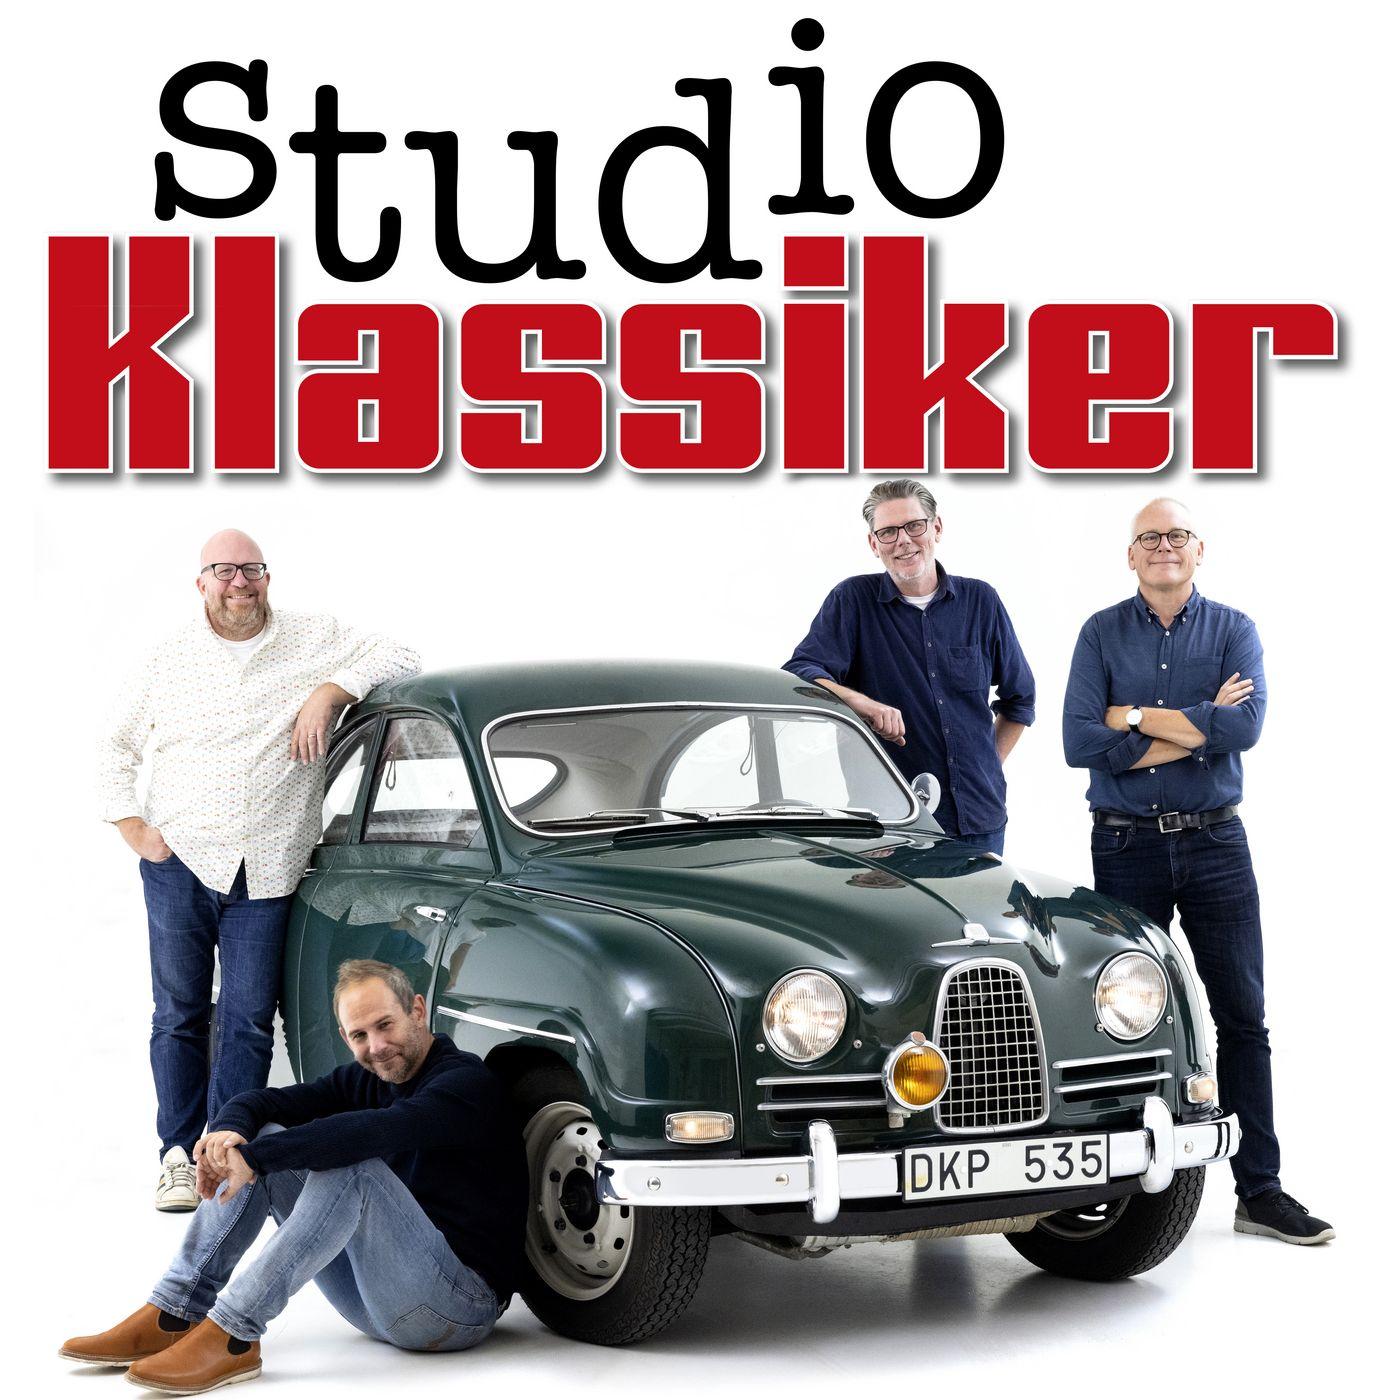 Kändisbilar på Gotland, veteranbilsrallyn & en gratis Peugeot